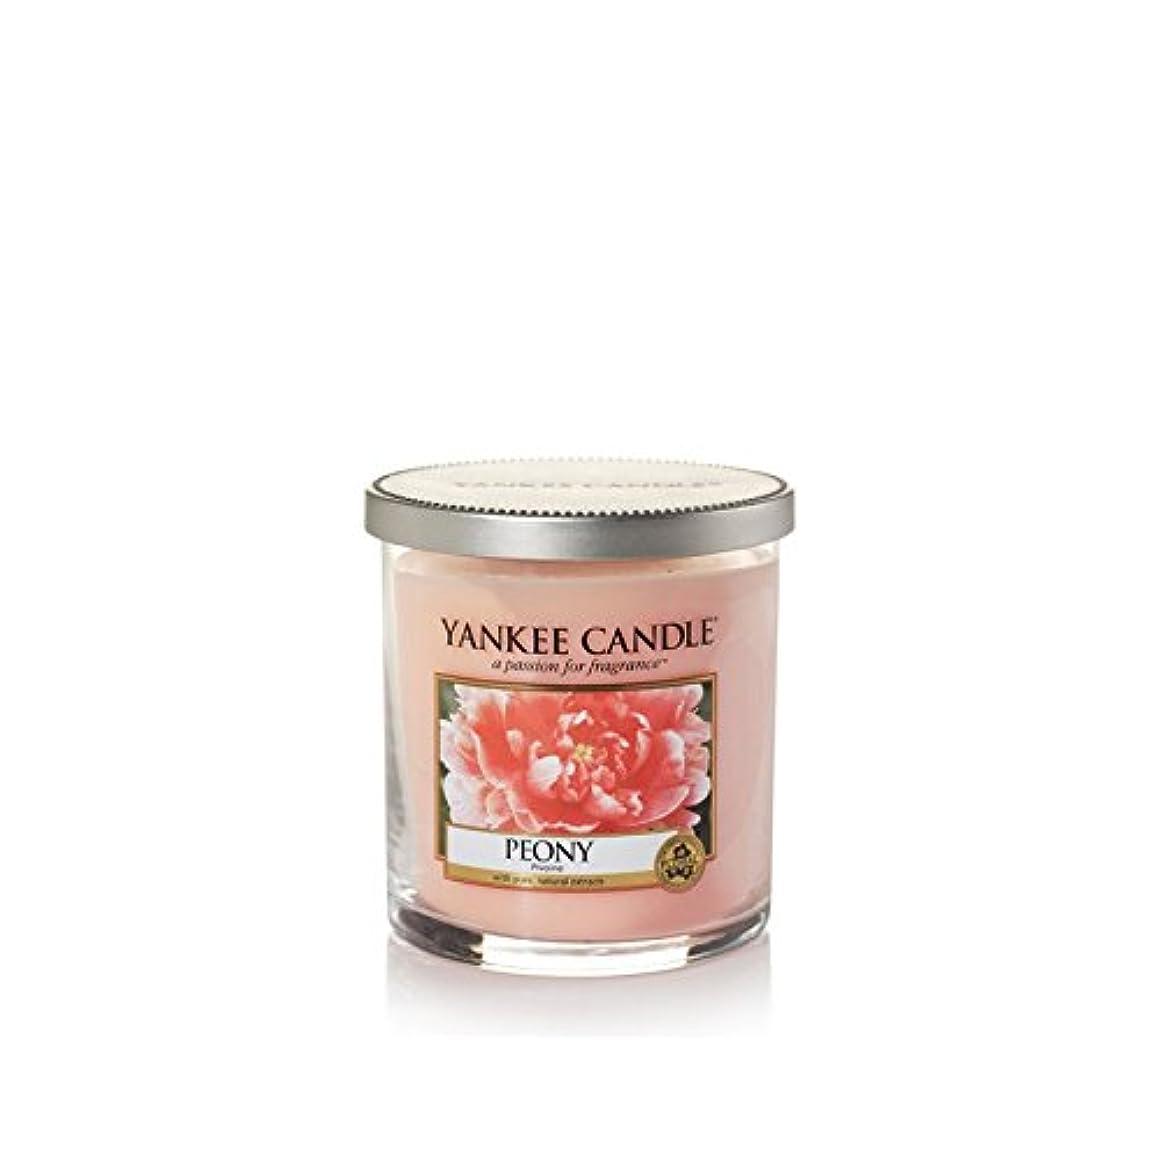 手奴隷リングレットYankee Candles Small Pillar Candle - Peony (Pack of 6) - ヤンキーキャンドルの小さな柱キャンドル - 牡丹 (x6) [並行輸入品]